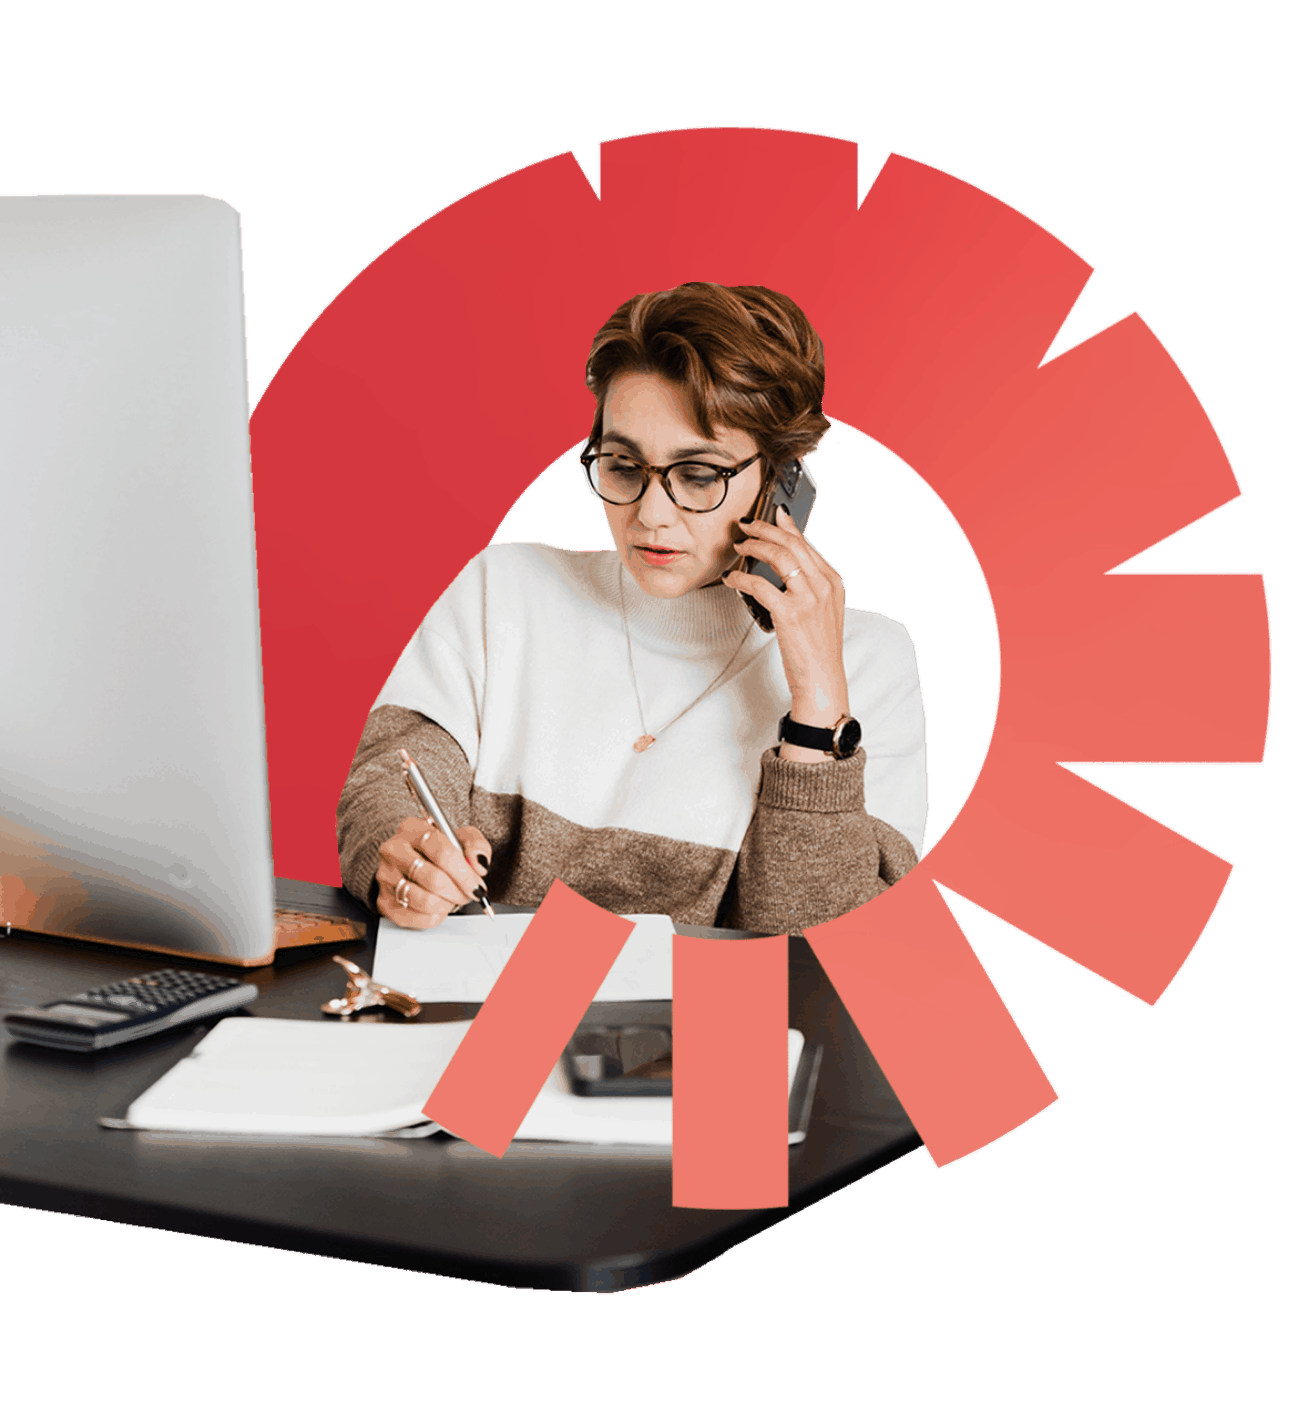 Une femme délègue ses tâches administratives